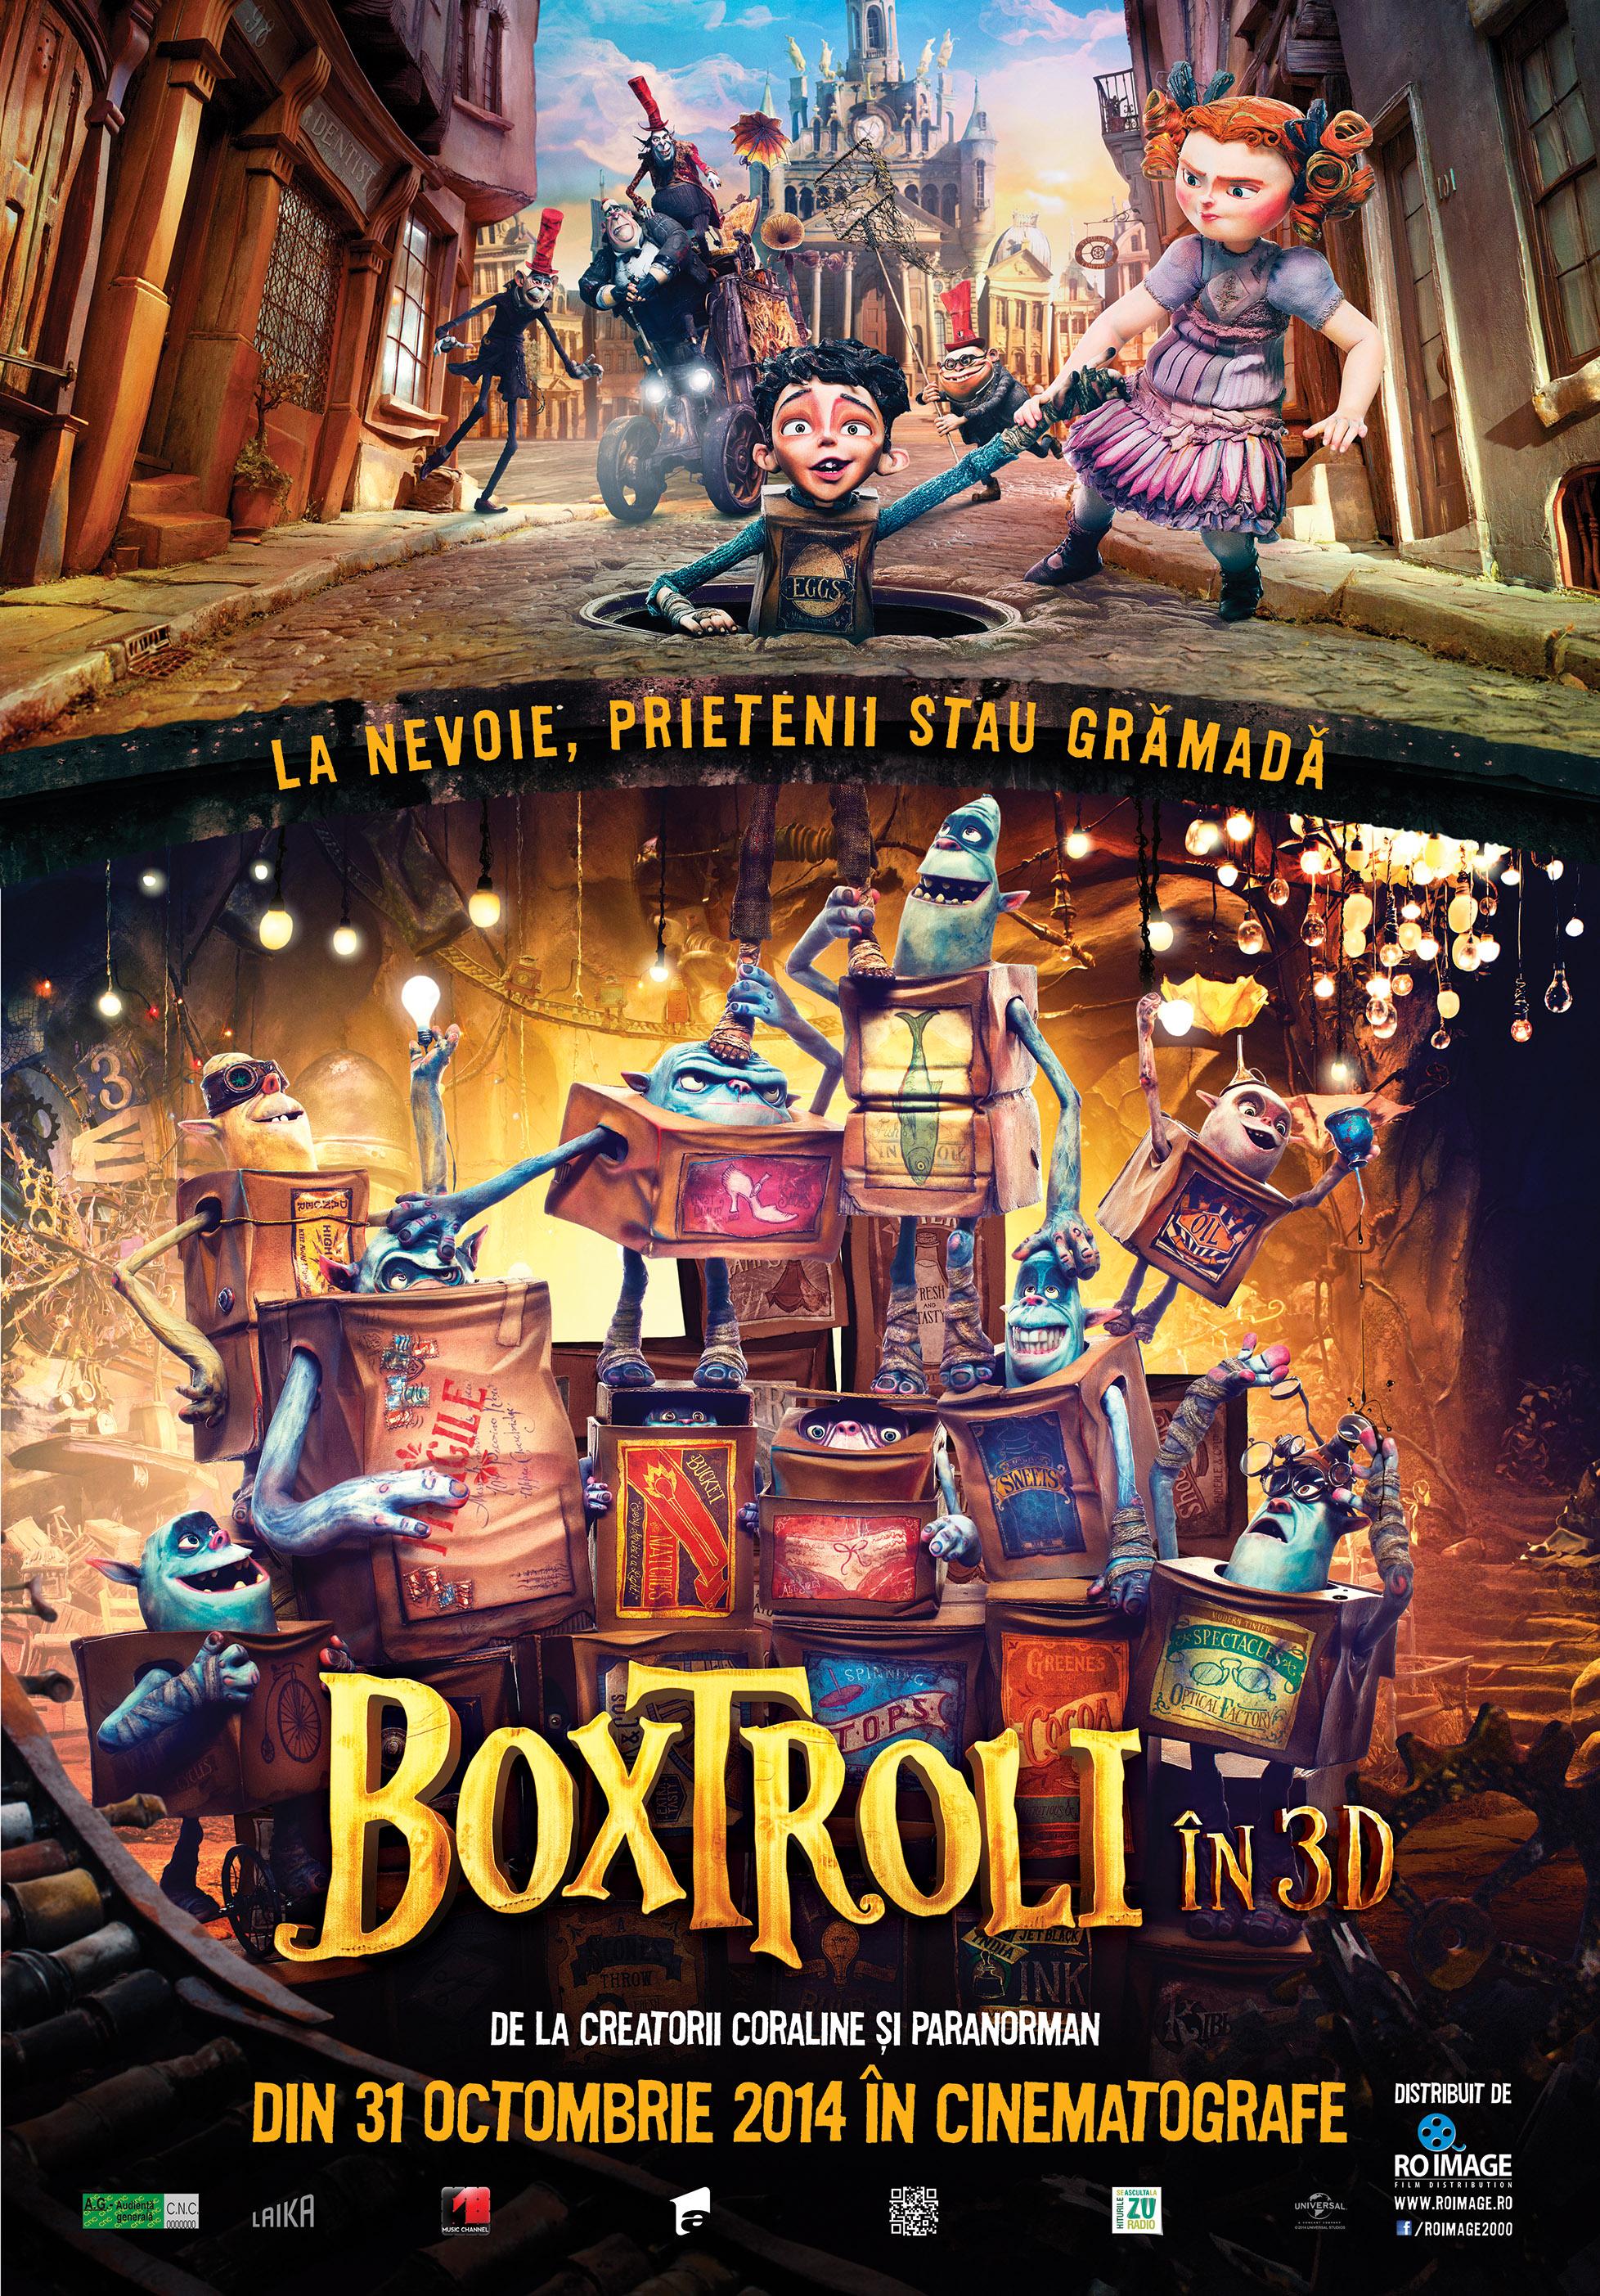 Boxtroli 3D (Dublat) / Boxtrolls 3D (Dubbed)